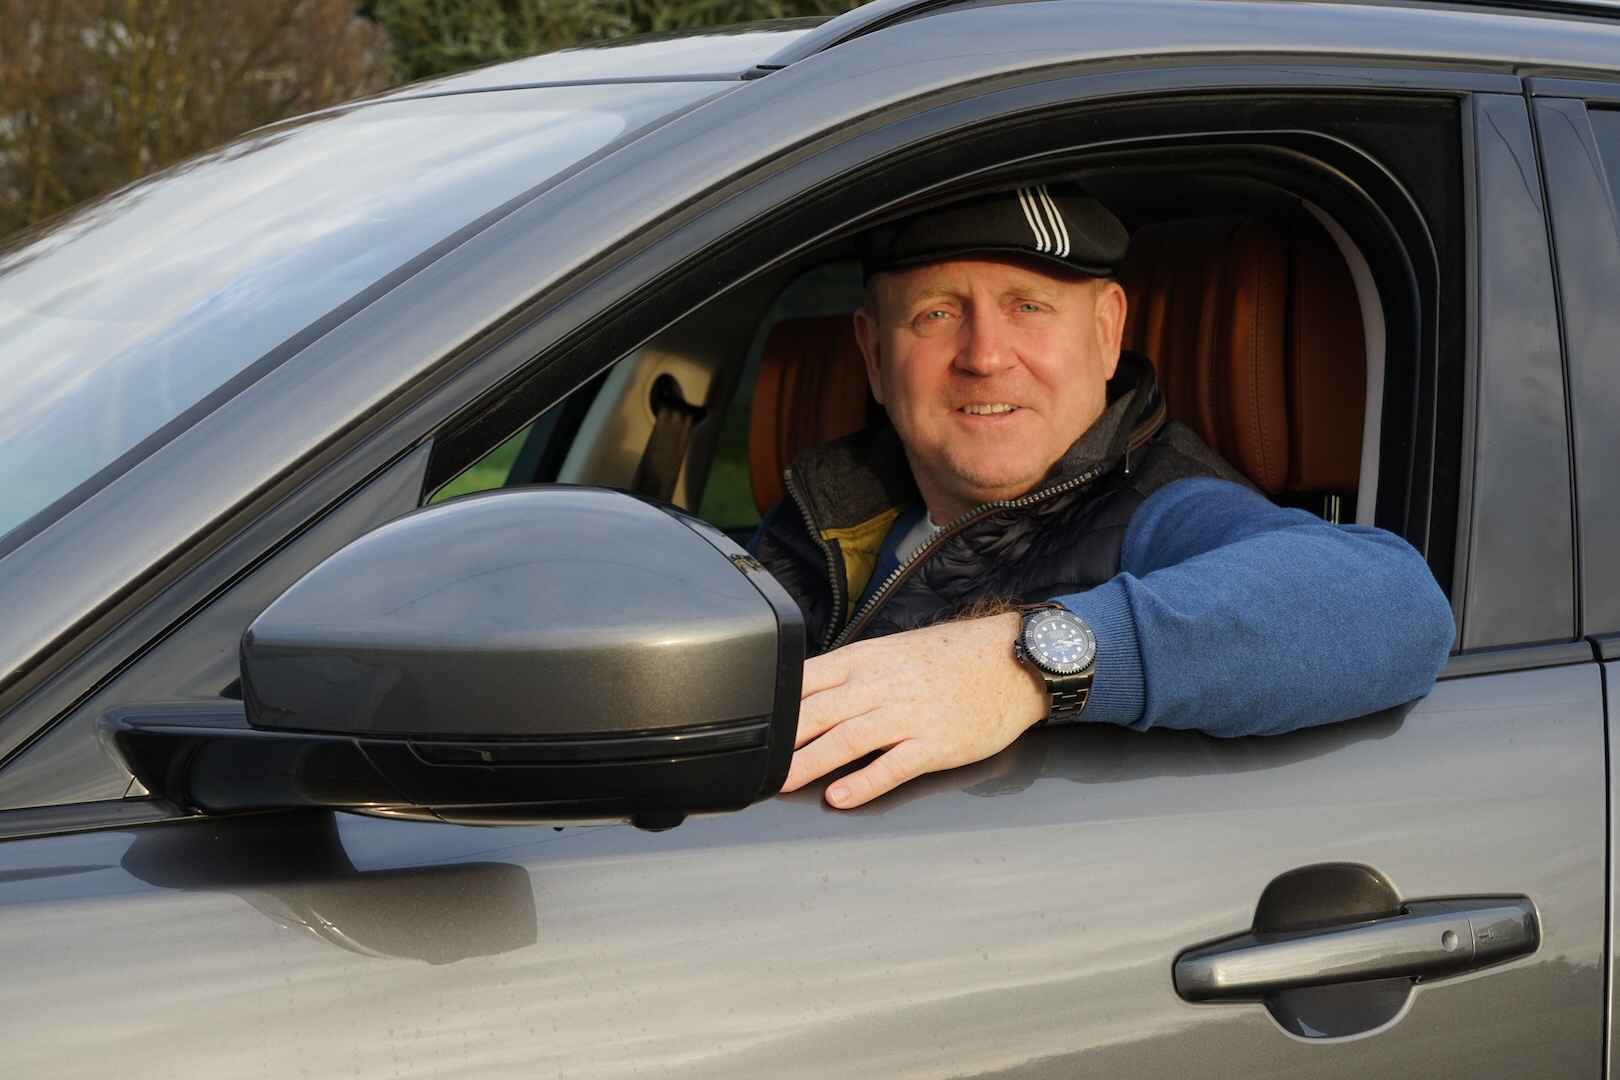 Andreas Conrad, Herausgeber des Luxus & Lifestyle Magazins LUSTFAKTOR ist vom Jaguar F-Pace überzeugt. Der 30d mit seinem V6-Biturbo verfügt über eine lineare Kraftentfaltung, das Handling ist stimmig und die Passagiere fühlen sich auch im Fond des F-Pace wohl